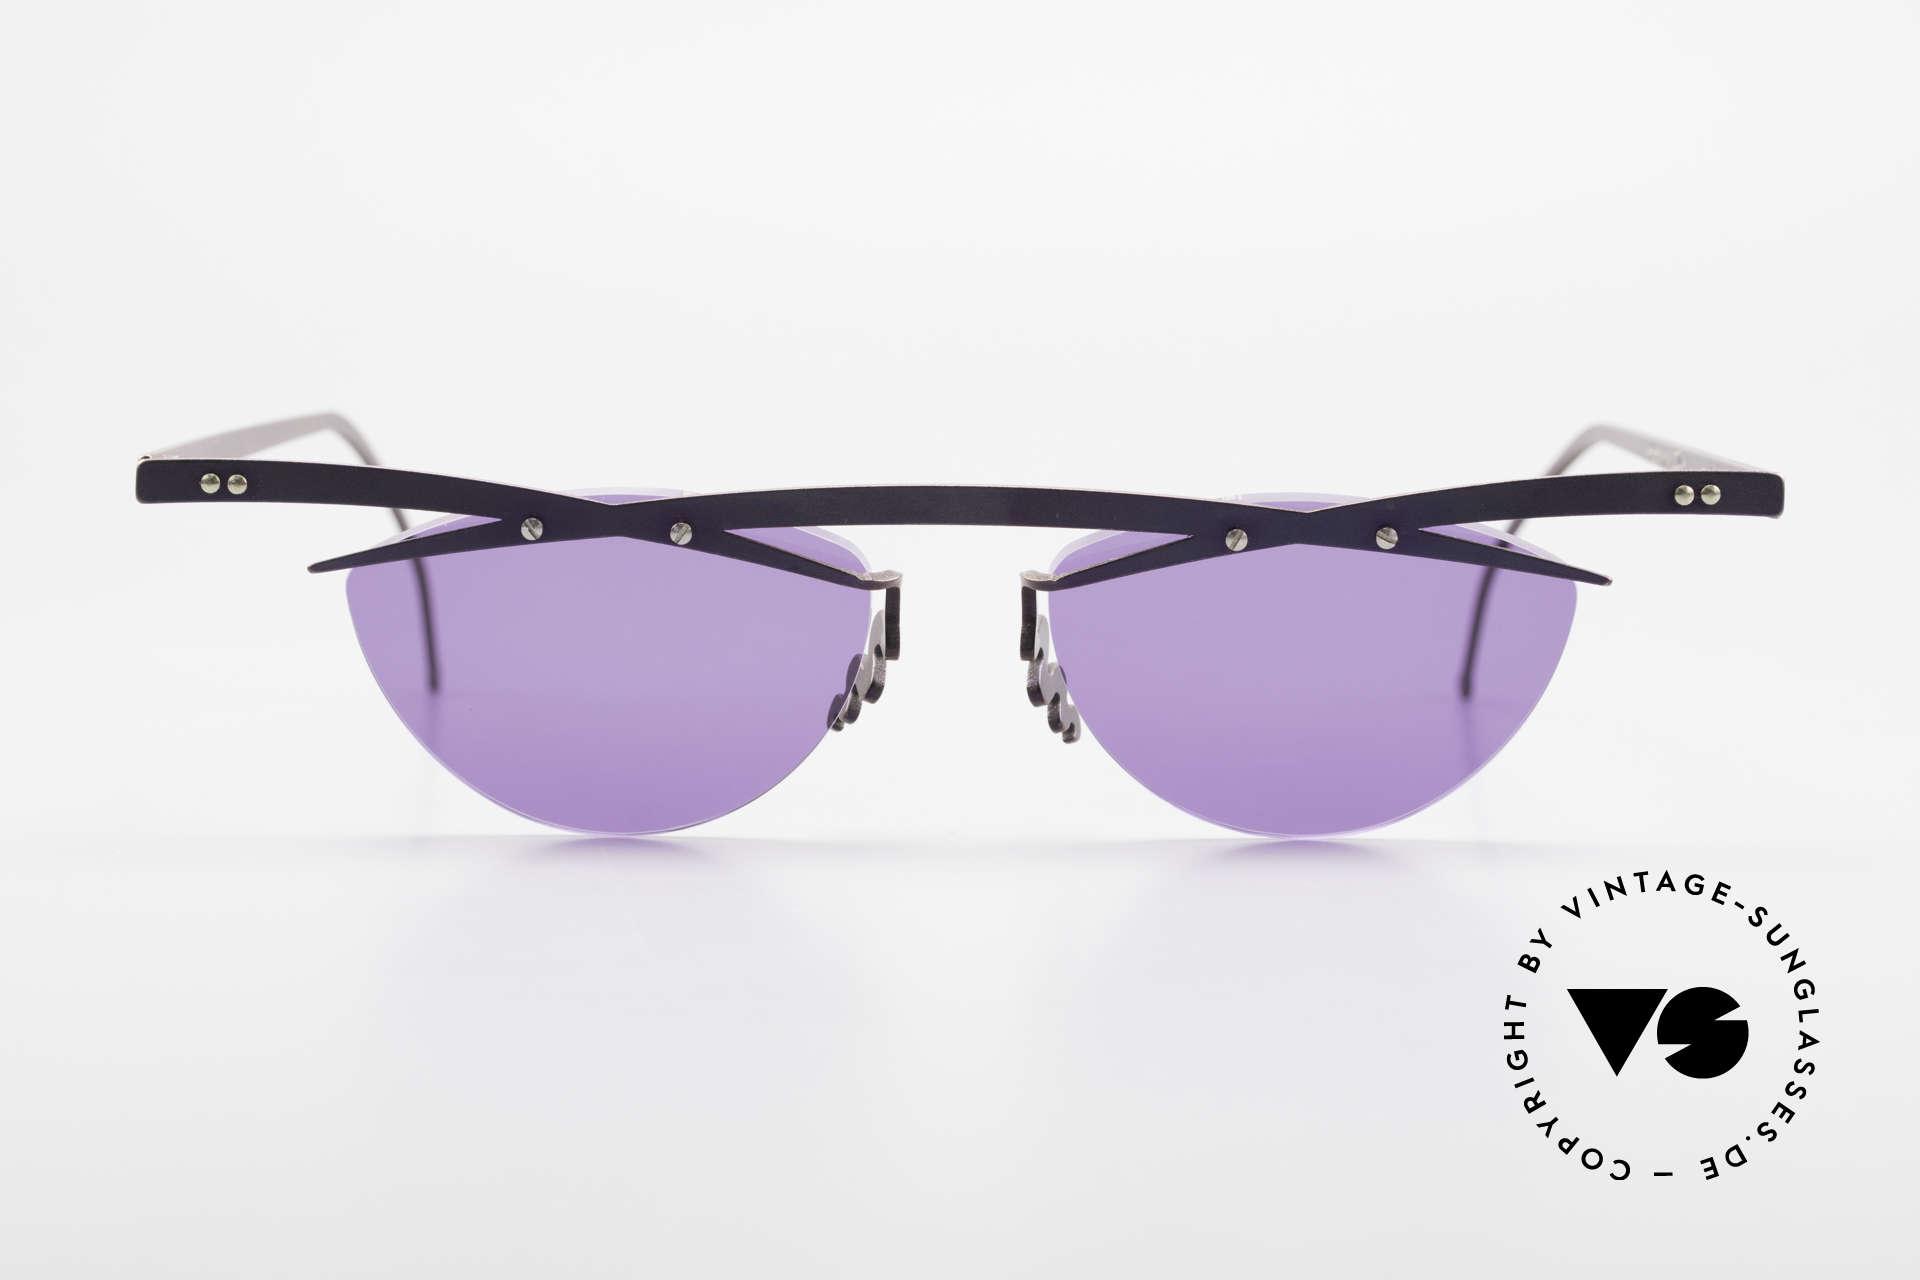 Theo Belgium Tita III 4 XL Crazy Vintage Sonnenbrille, in 1989 gegründet als 'ANTI MAINSTREAM' Brillenmode, Passend für Herren und Damen